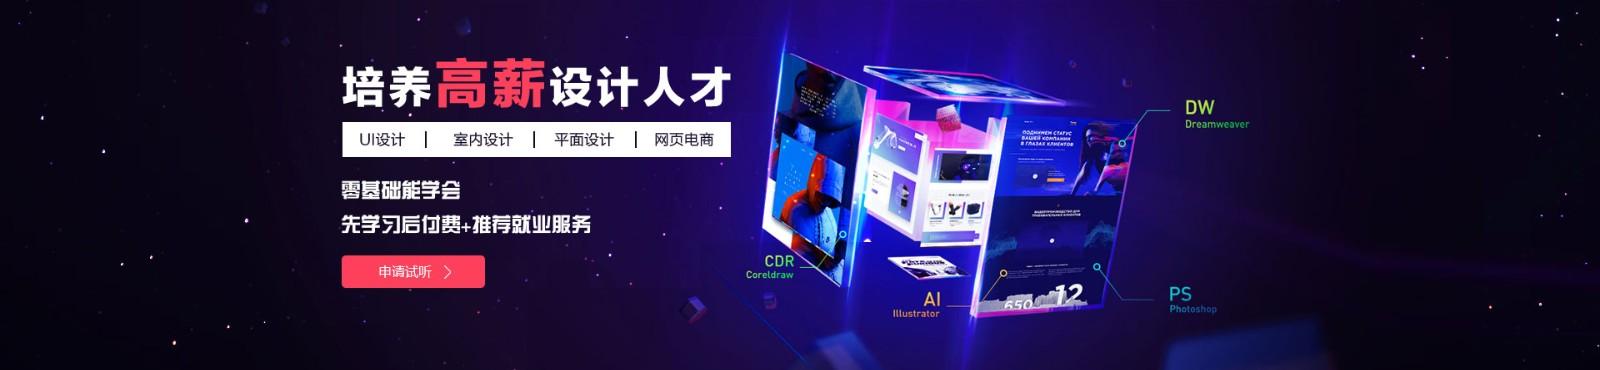 福州天琥设计合乐彩票app学校 横幅广告